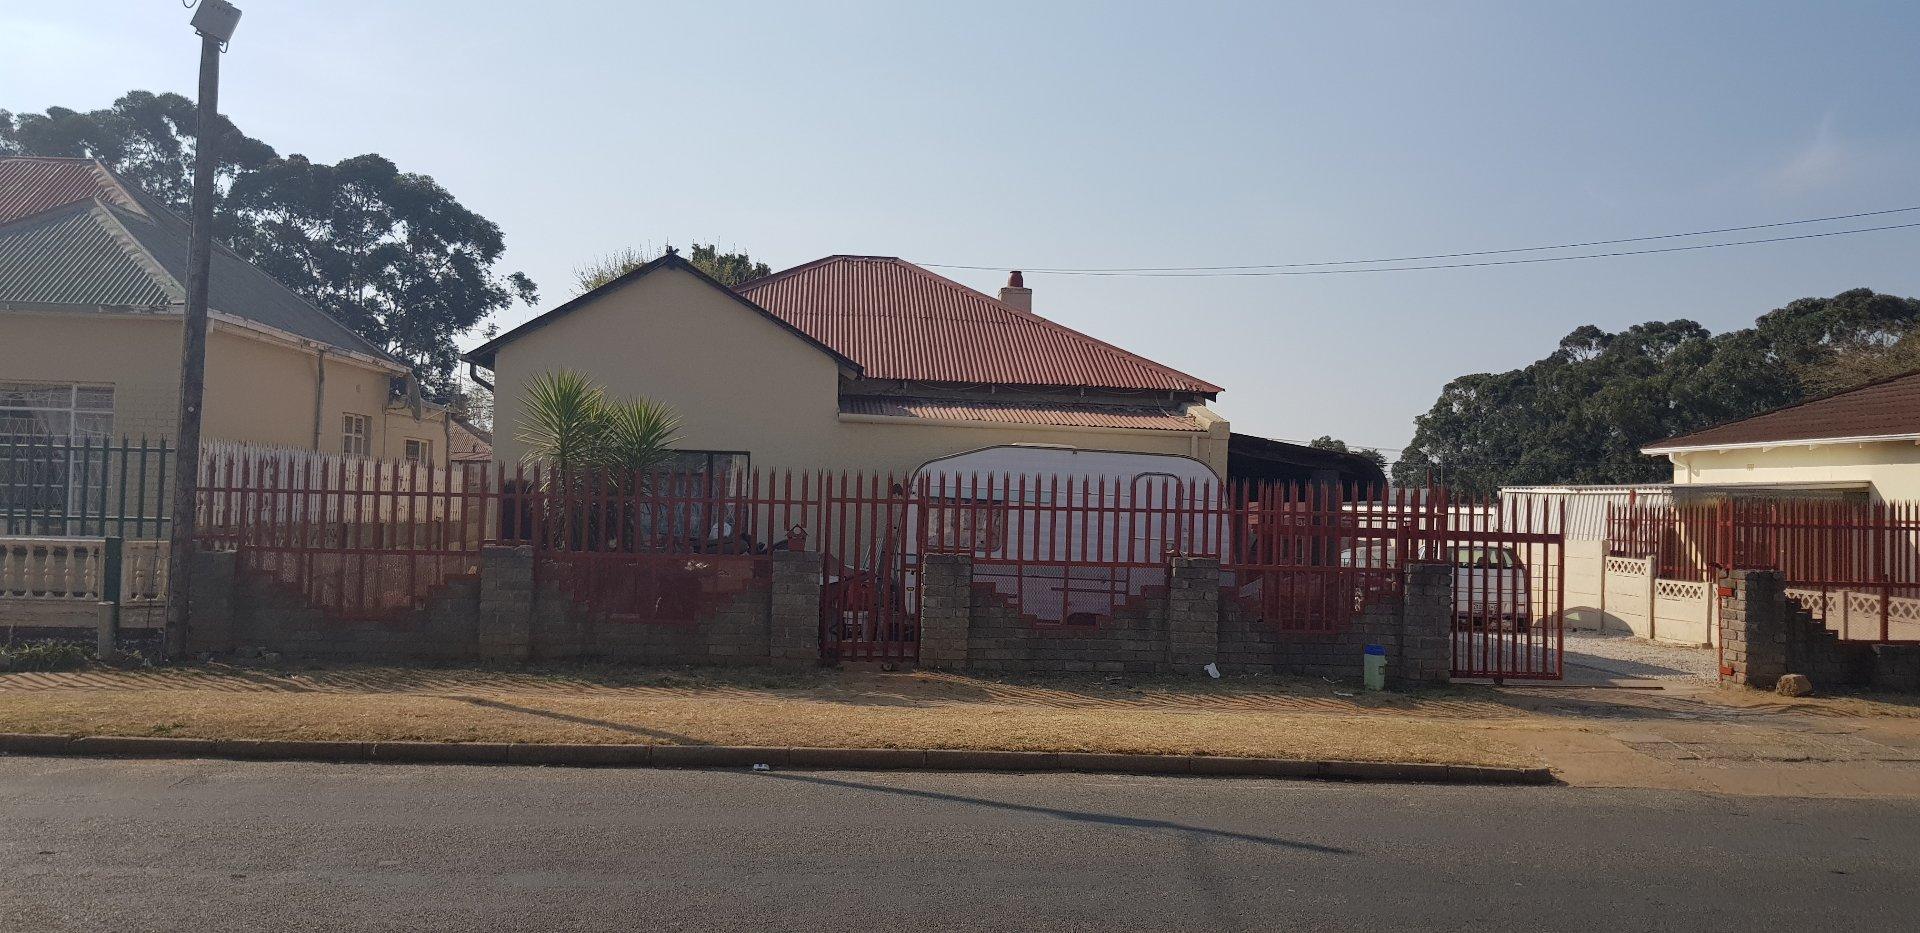 Krugersdorp, Krugersdorp West Property  | Houses For Sale Krugersdorp West, Krugersdorp West, House 3 bedrooms property for sale Price:650,000